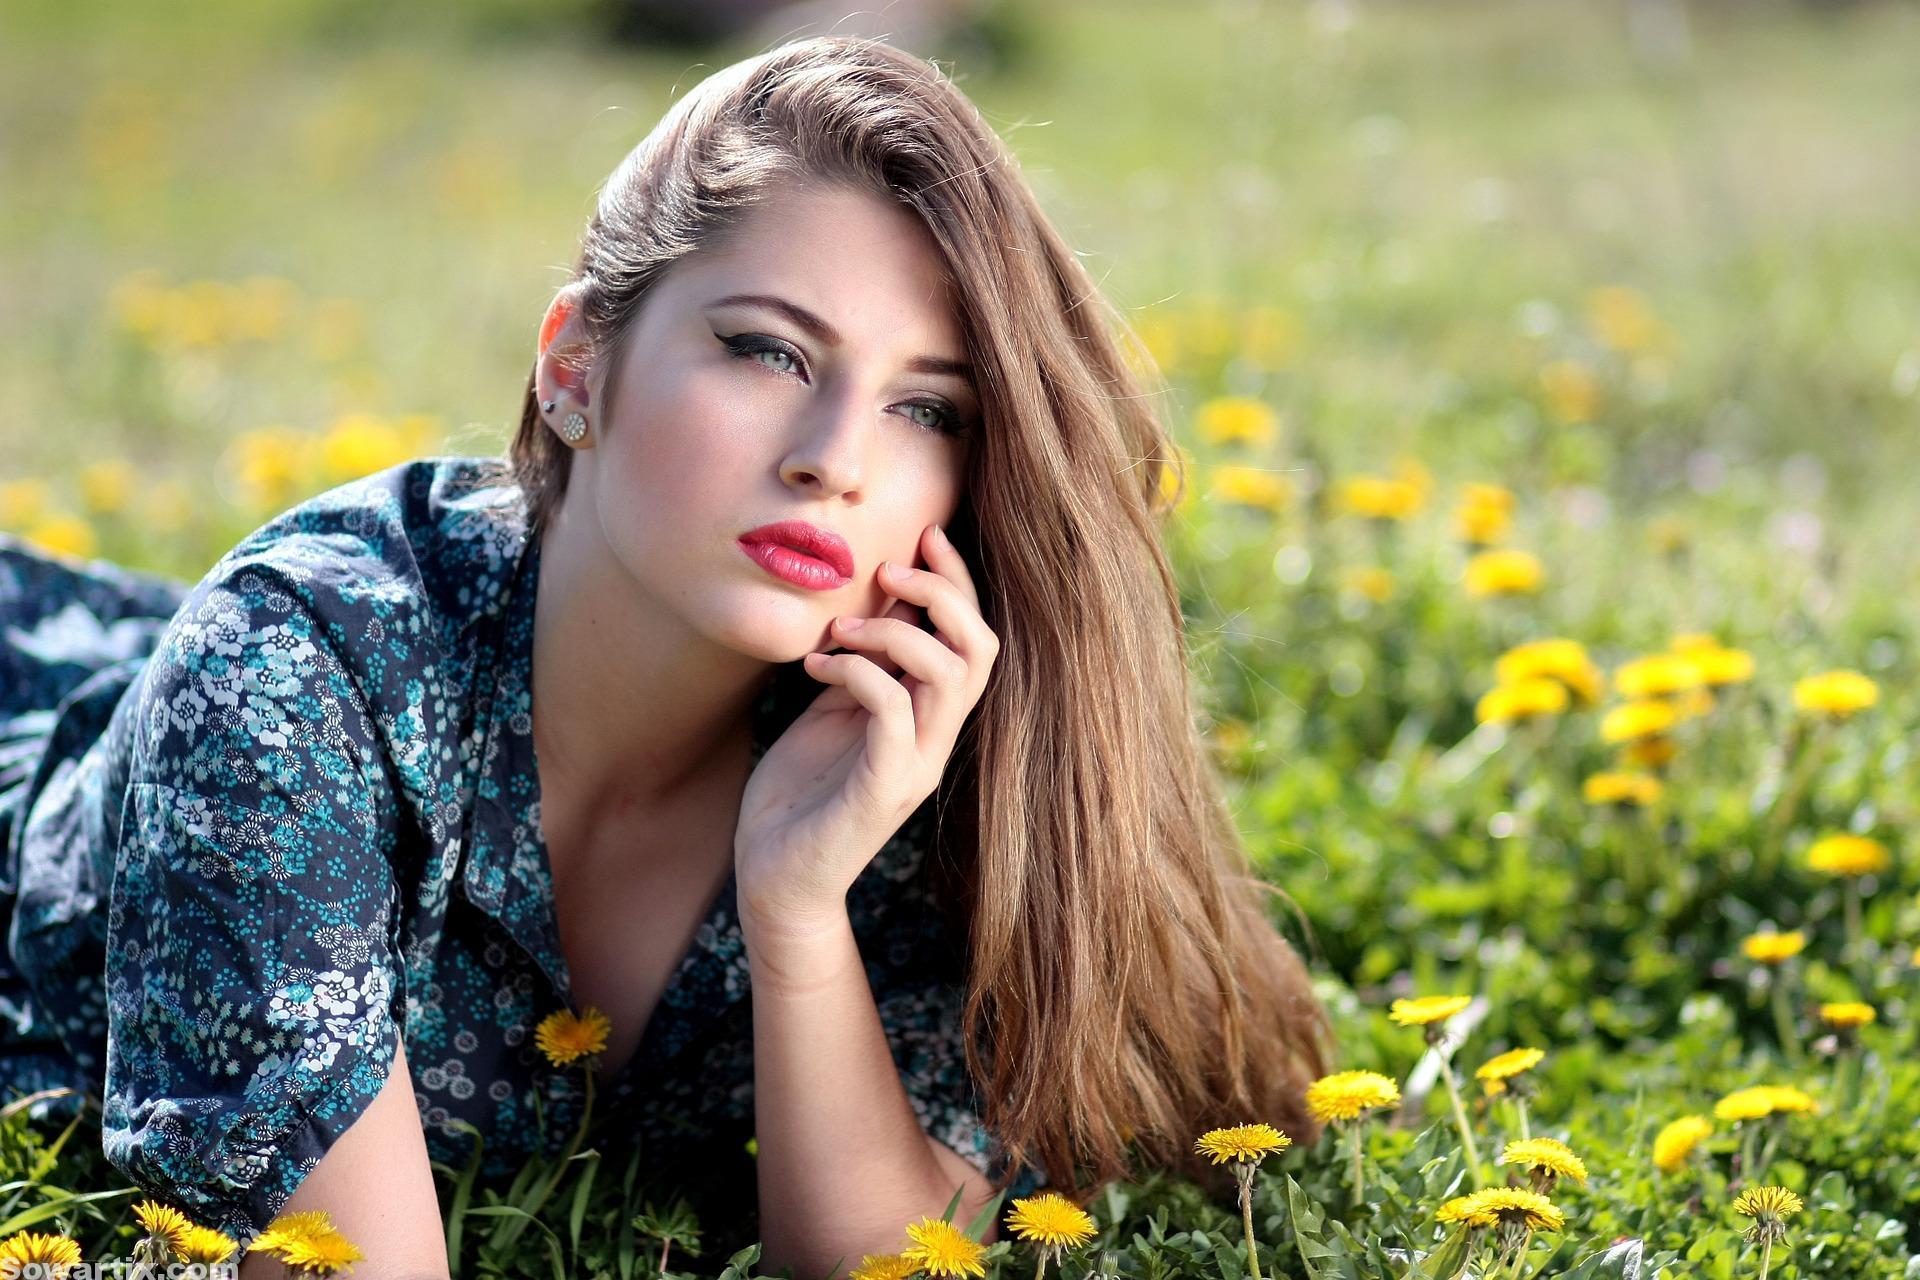 بالصور صوربنات جميله , اجمل صورة بنت على الفيس بوك 3674 7